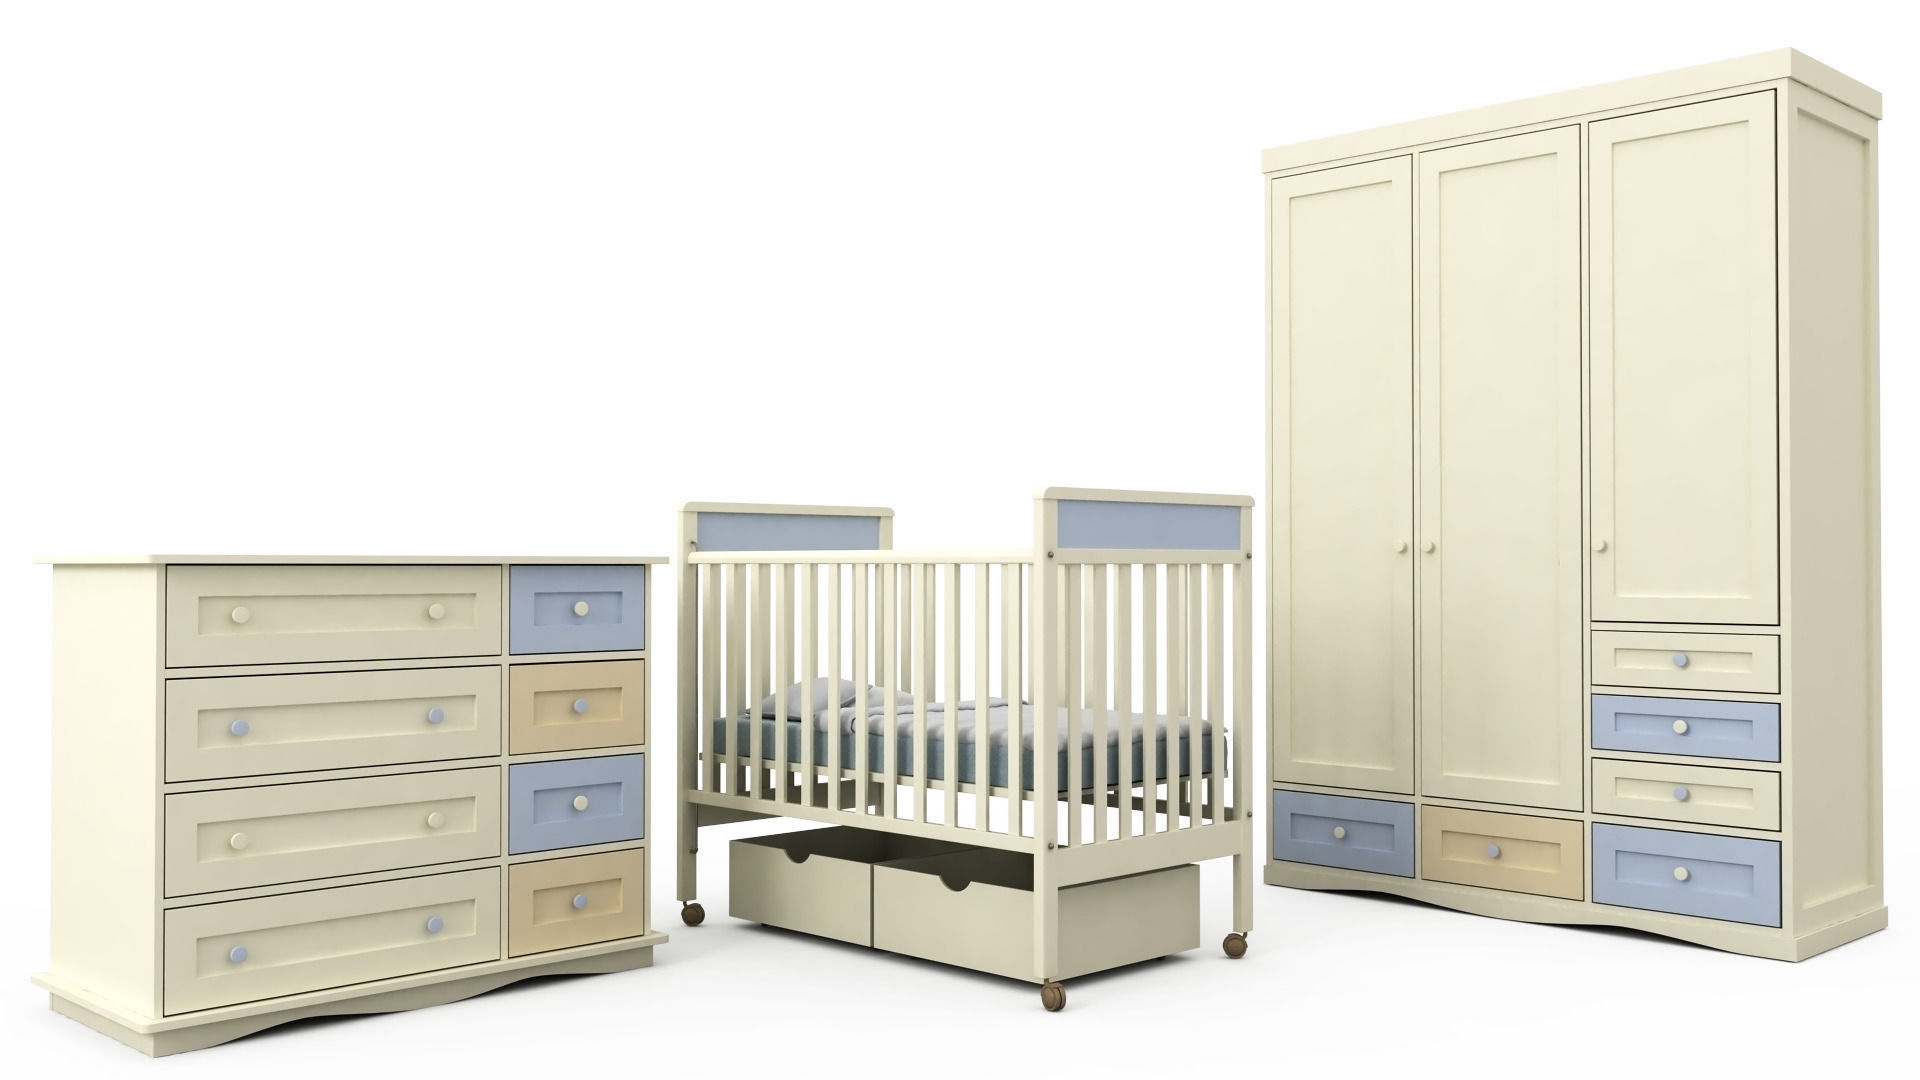 Children Bedroom Furniture Set 1 | 3D model